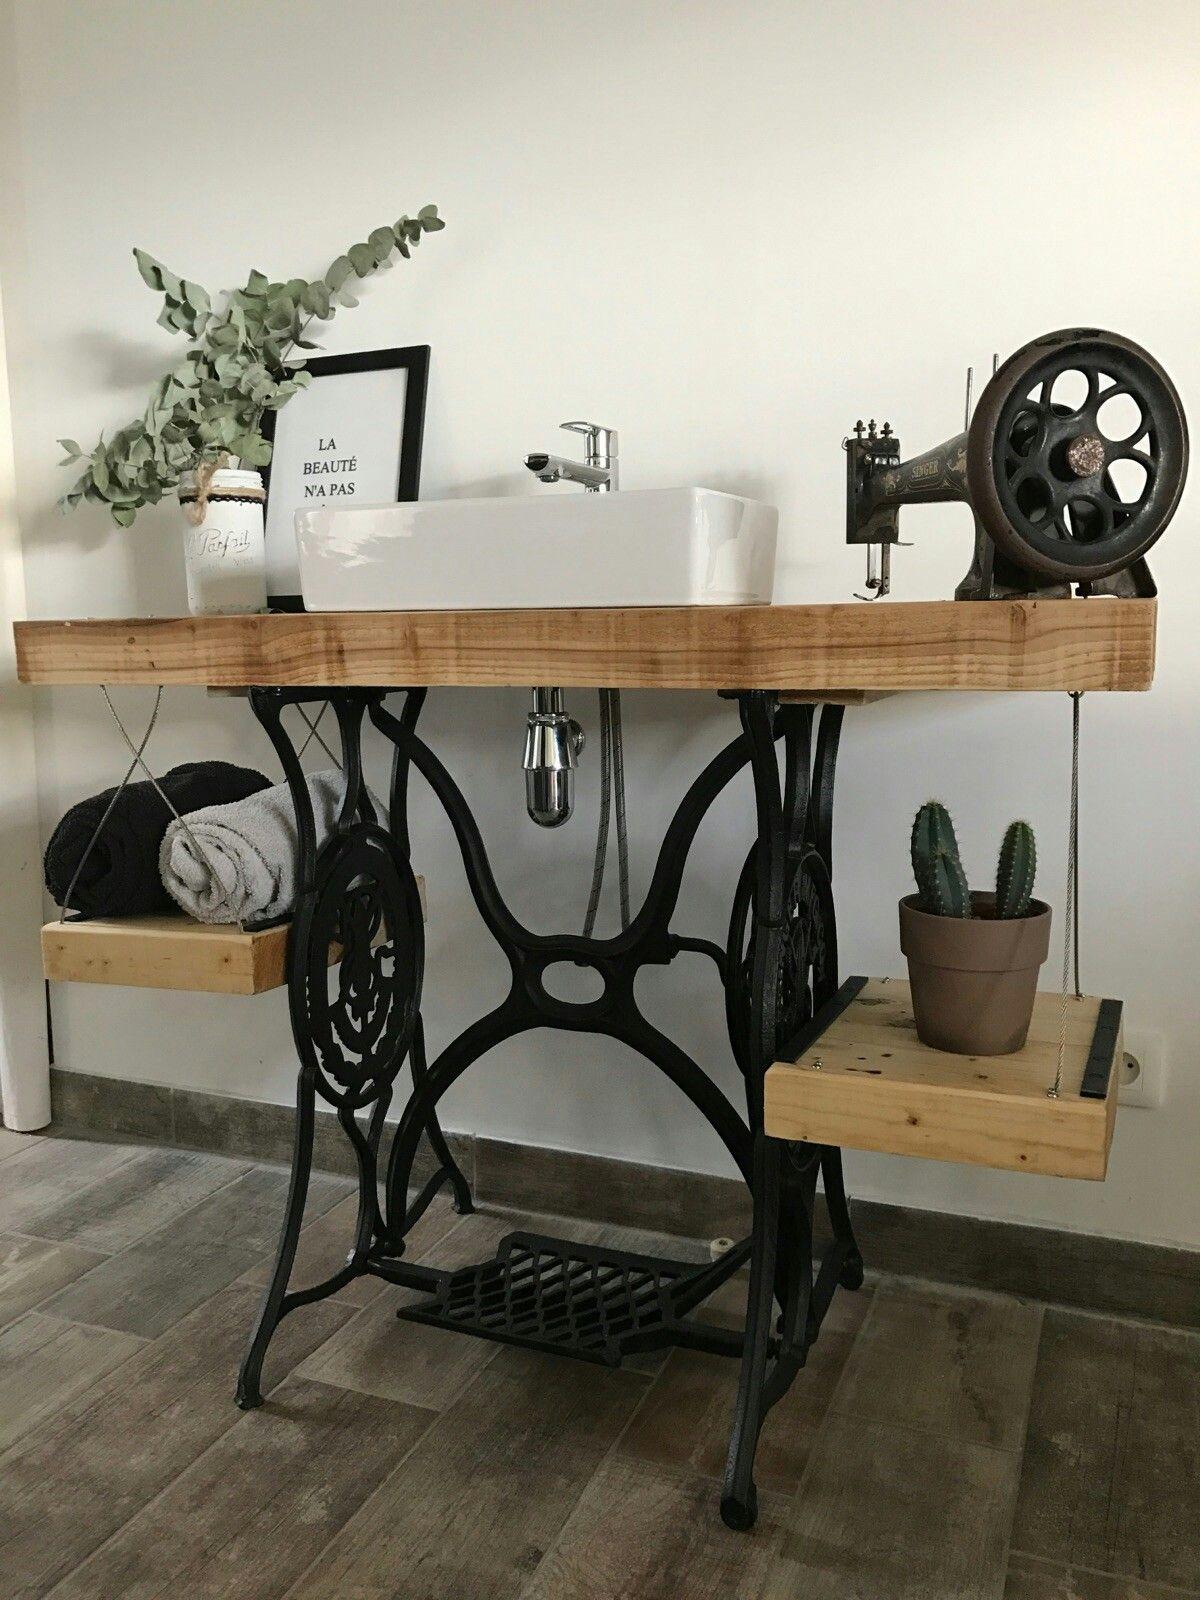 Meuble de salle de bain a partir d une machine a coudre singer antique sewing machine upcycle - Meuble machine a coudre singer ...